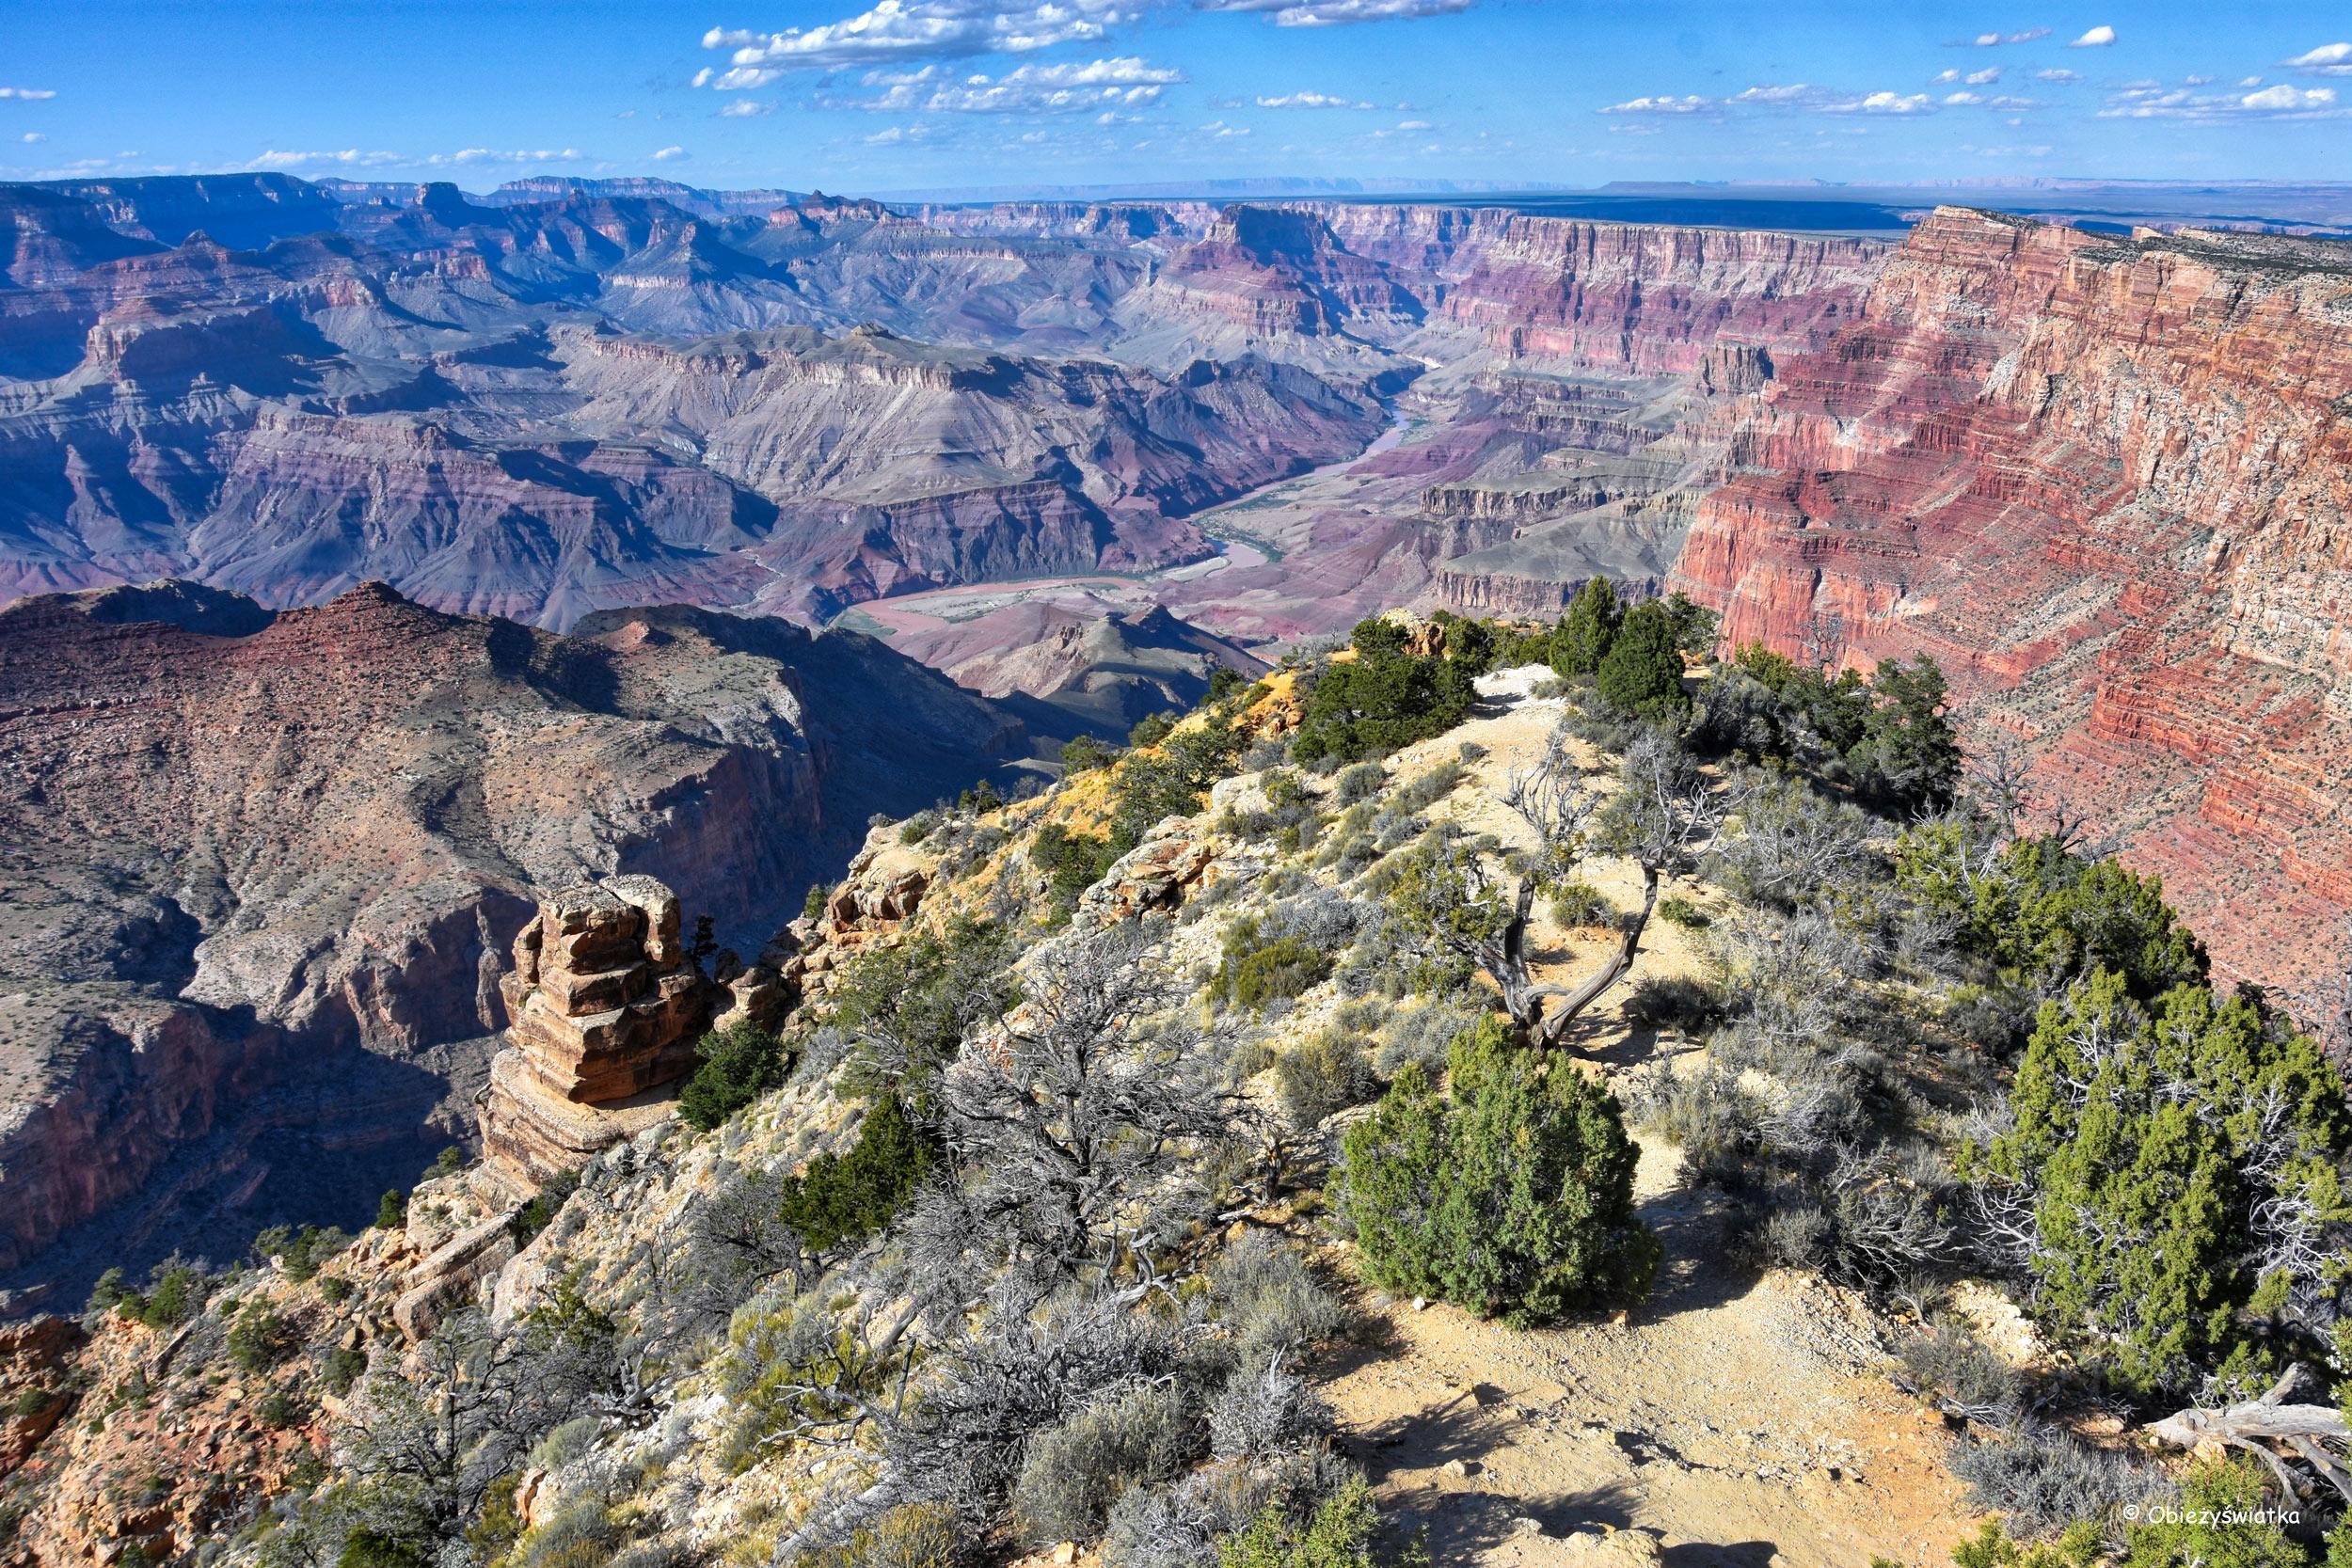 Wąske ścieżki i widoki zapierające dech w piersiach - Grand Canyon National Park, Arizona, USA